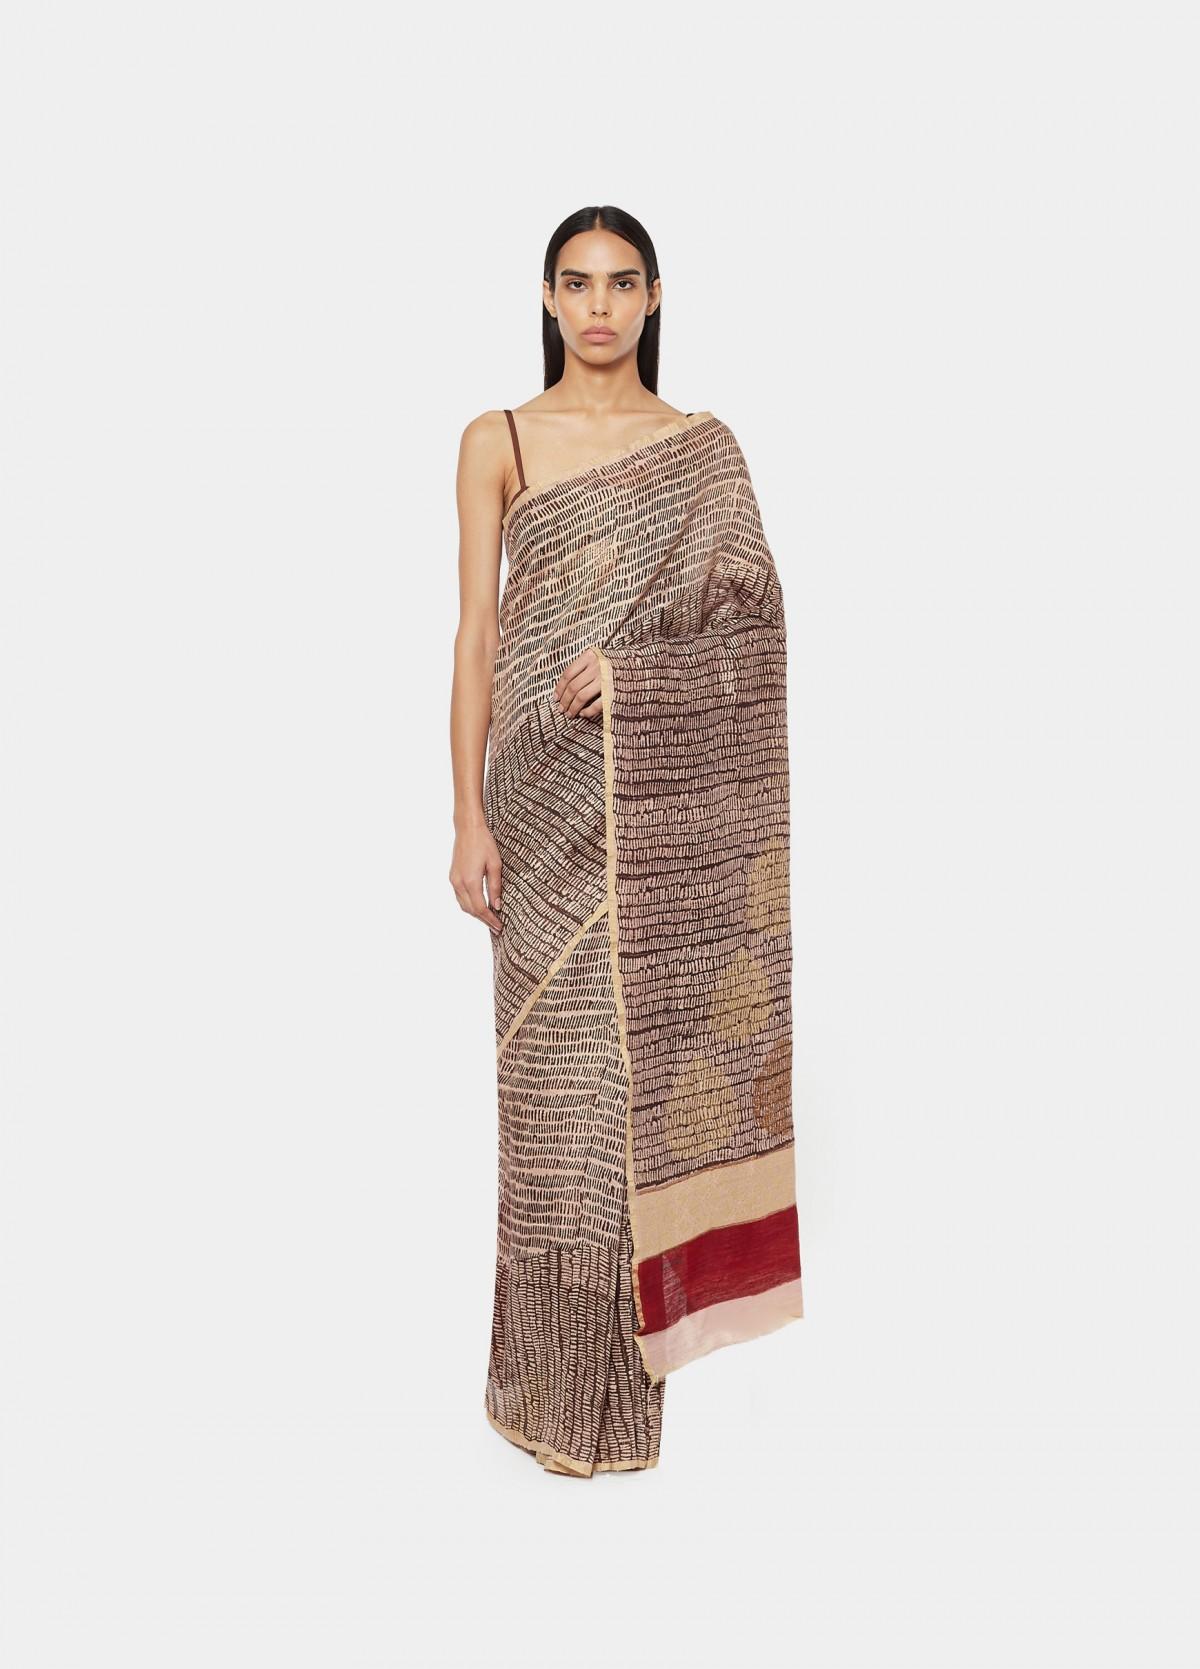 The Chatai Sari